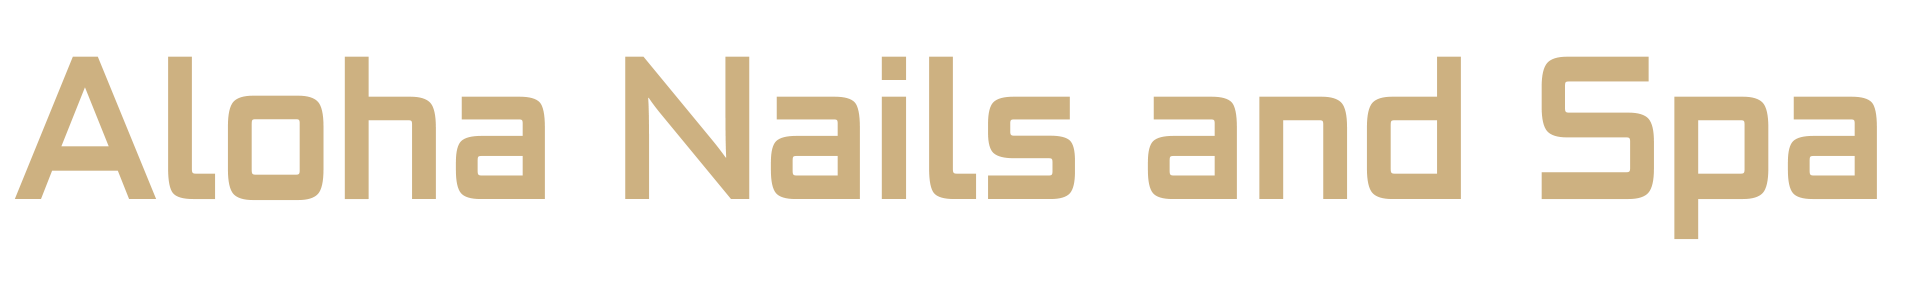 Aloha Nails and Spa